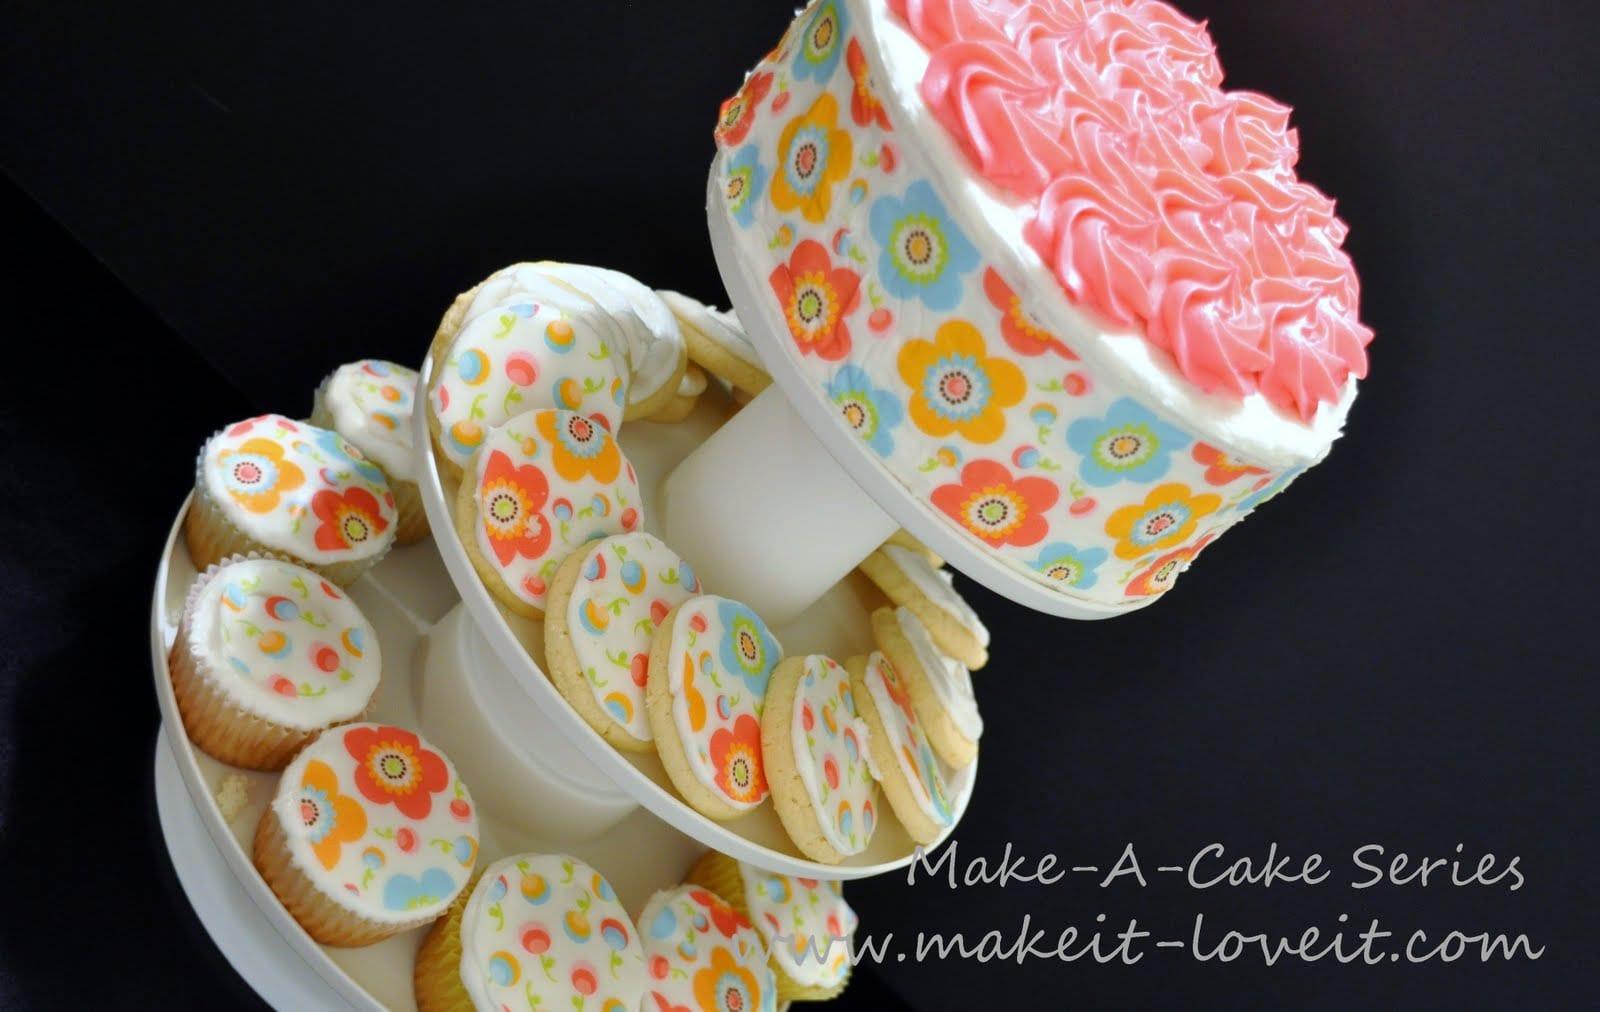 Make-a-Cake Series: Cake Tattoo